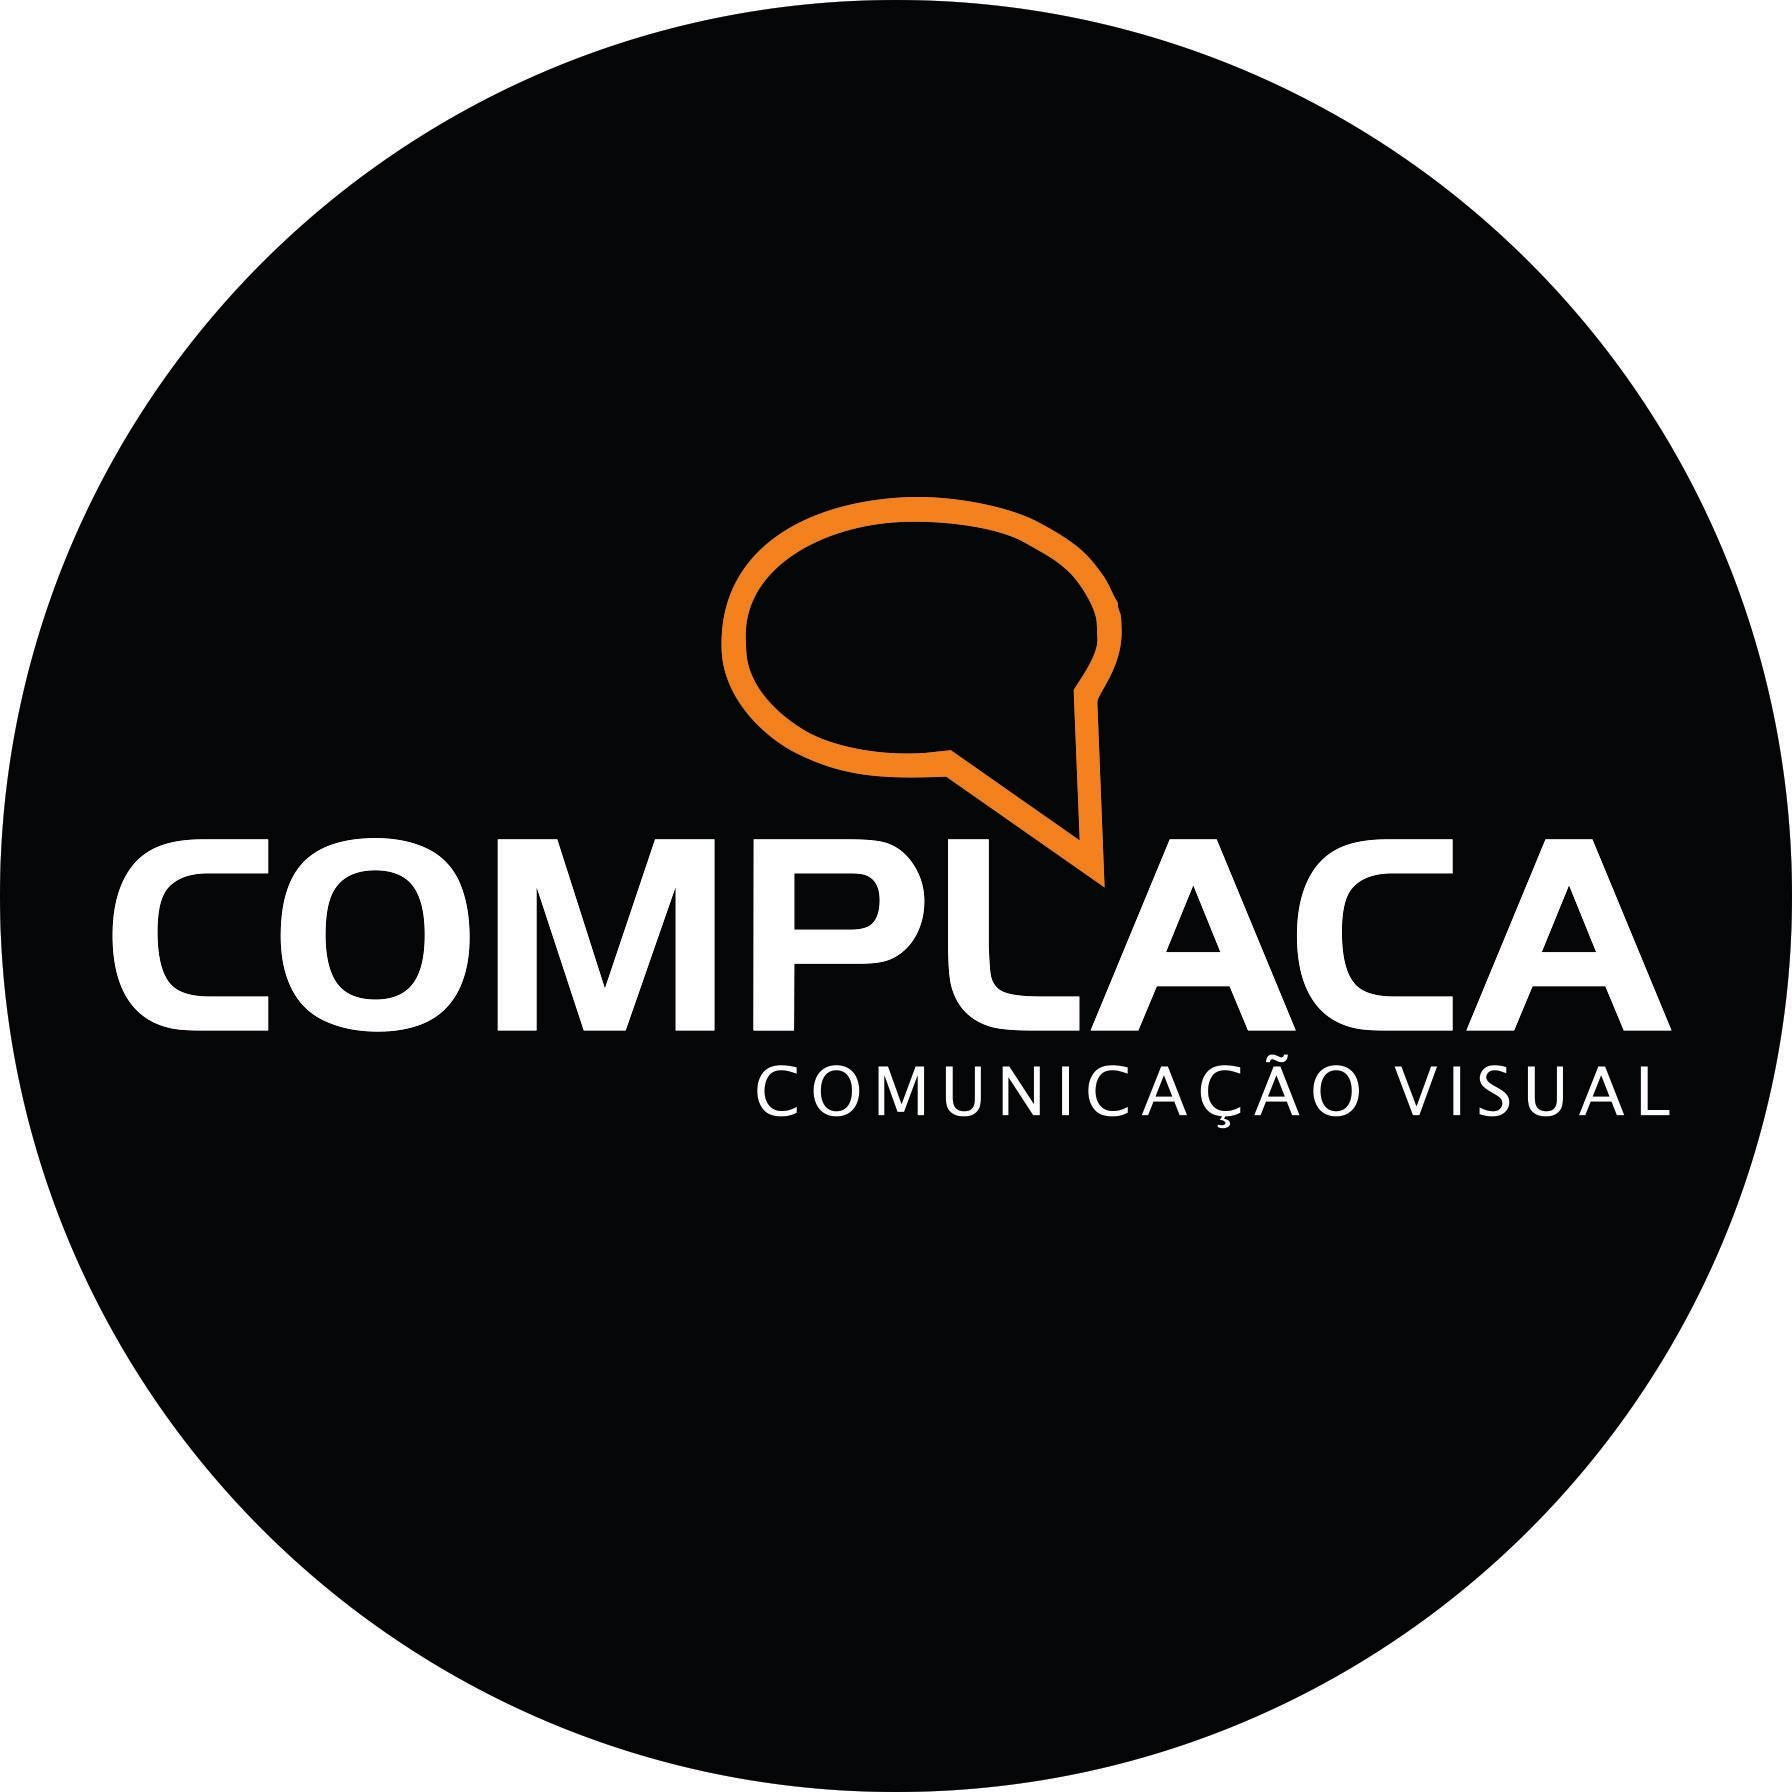 COMPLACA COMUNICAÇÃO VISUAL